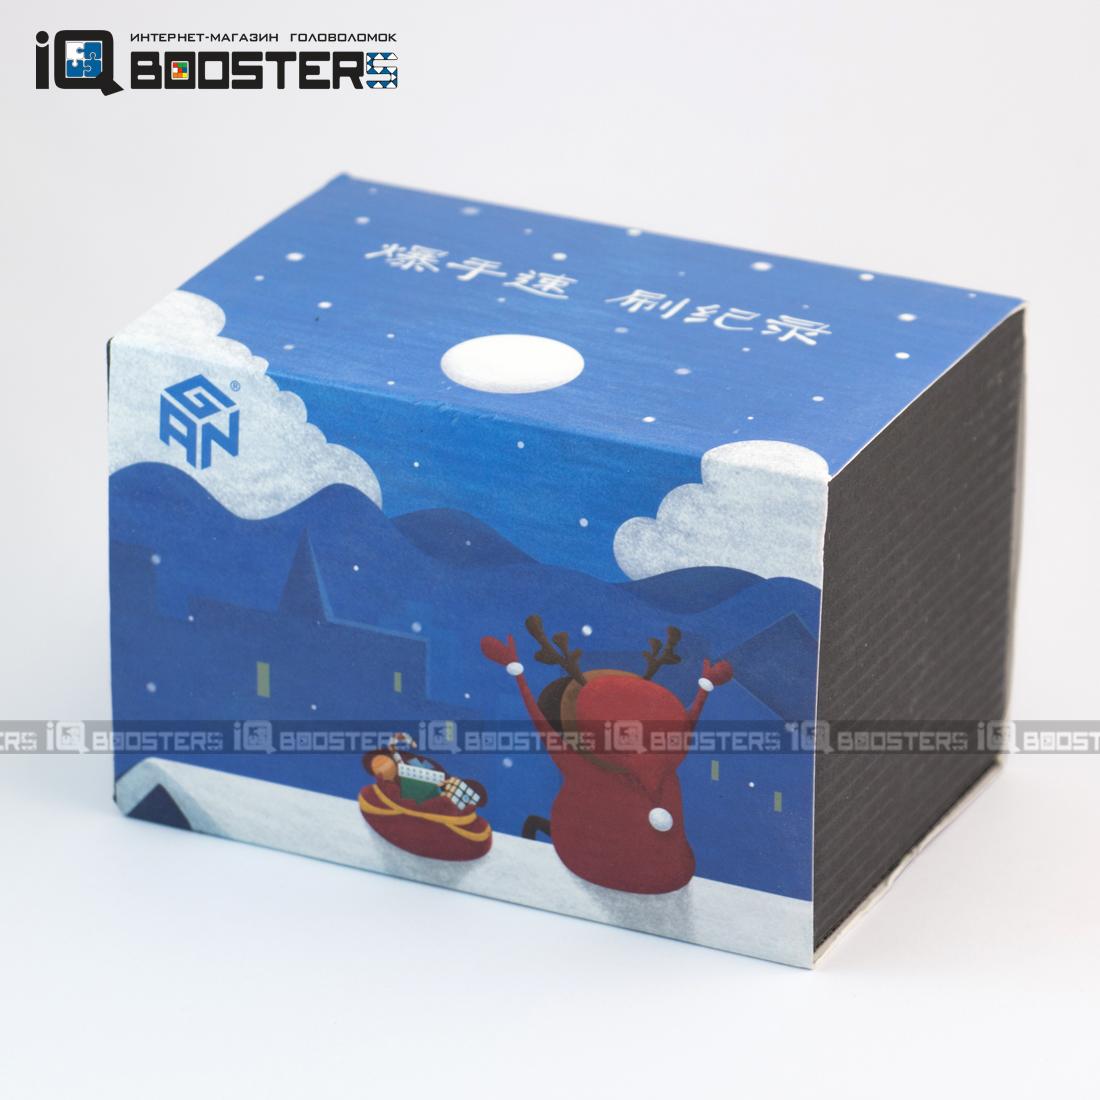 gan_356_air_christmas_box51